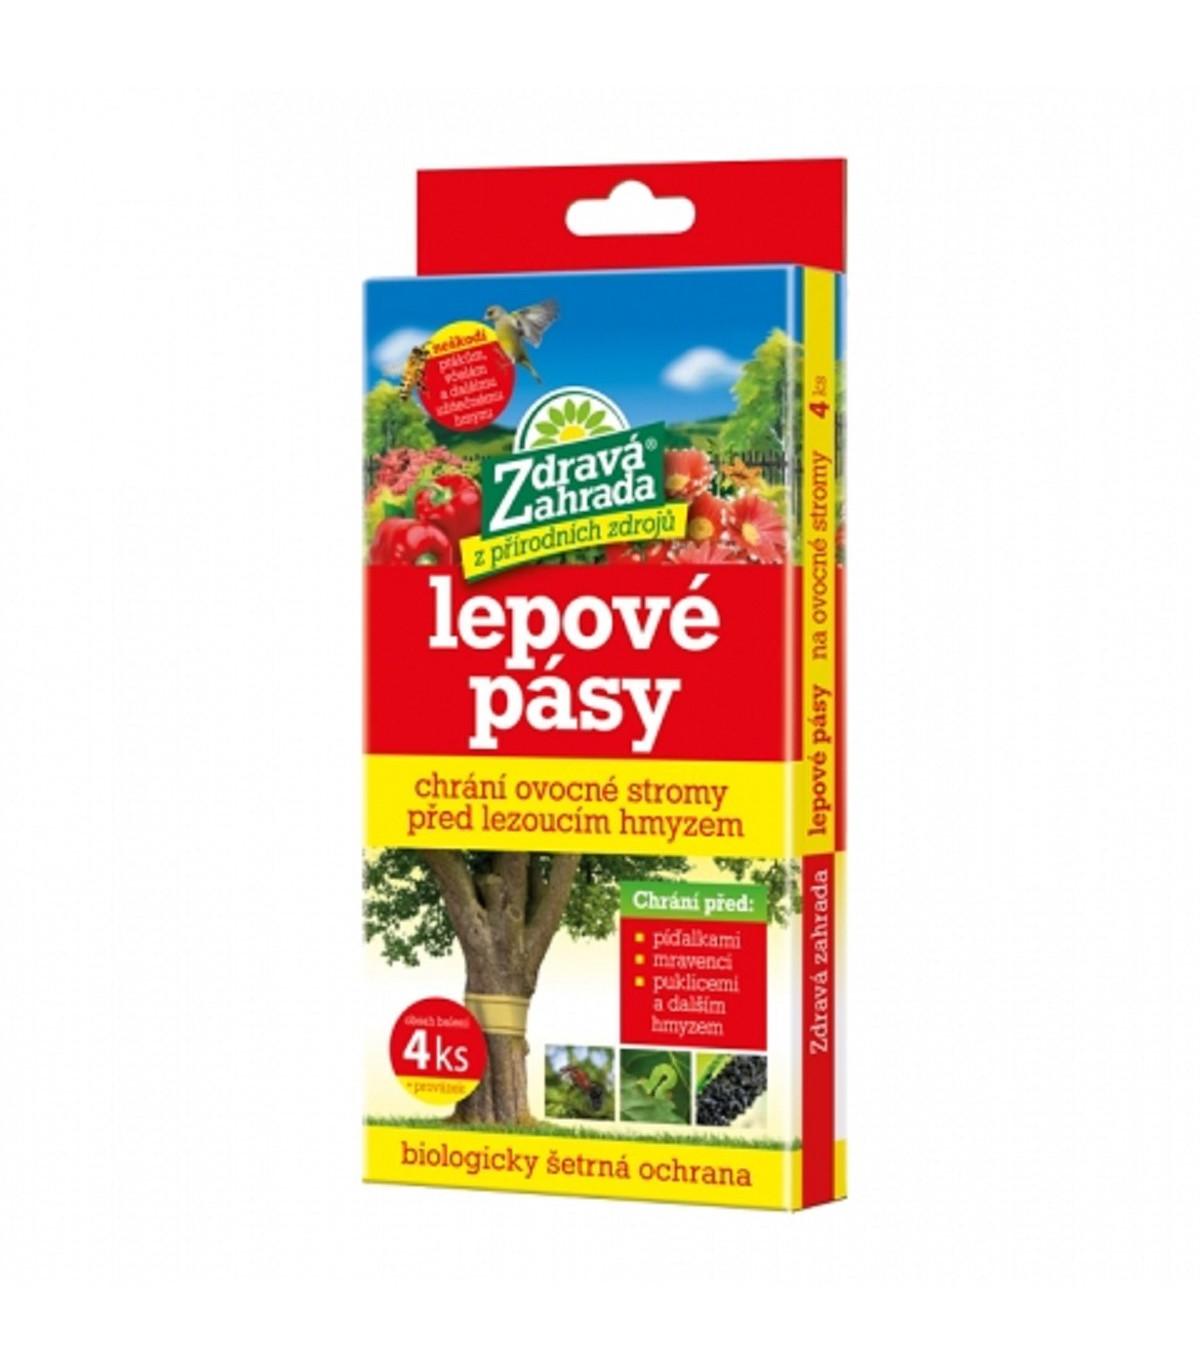 Lepový pás na piadivky a vošky - Zdravá záhrada - ochrana pred hmyzom - 4 ks